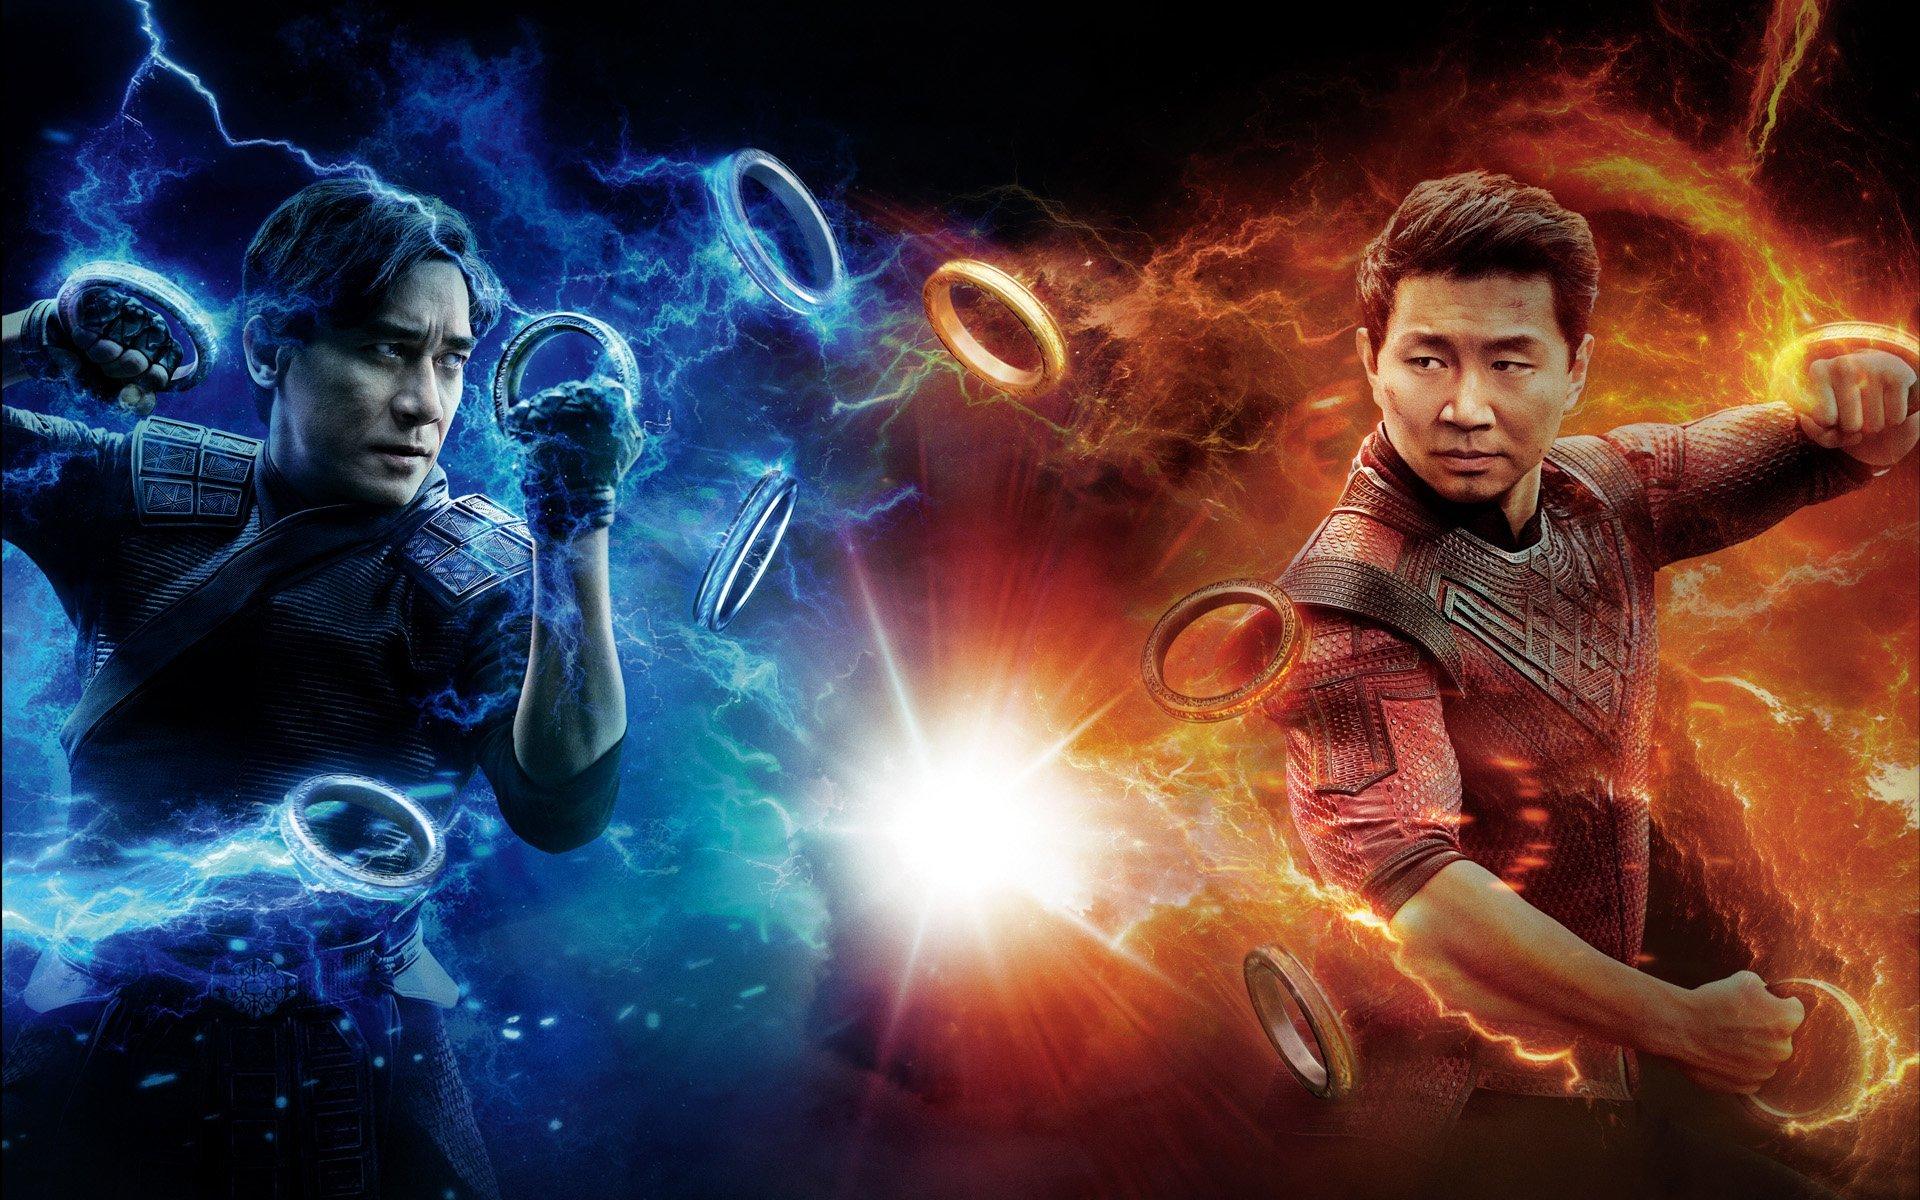 Смотри фильм Шан-Чи и легенда десяти колец в кинотеатре